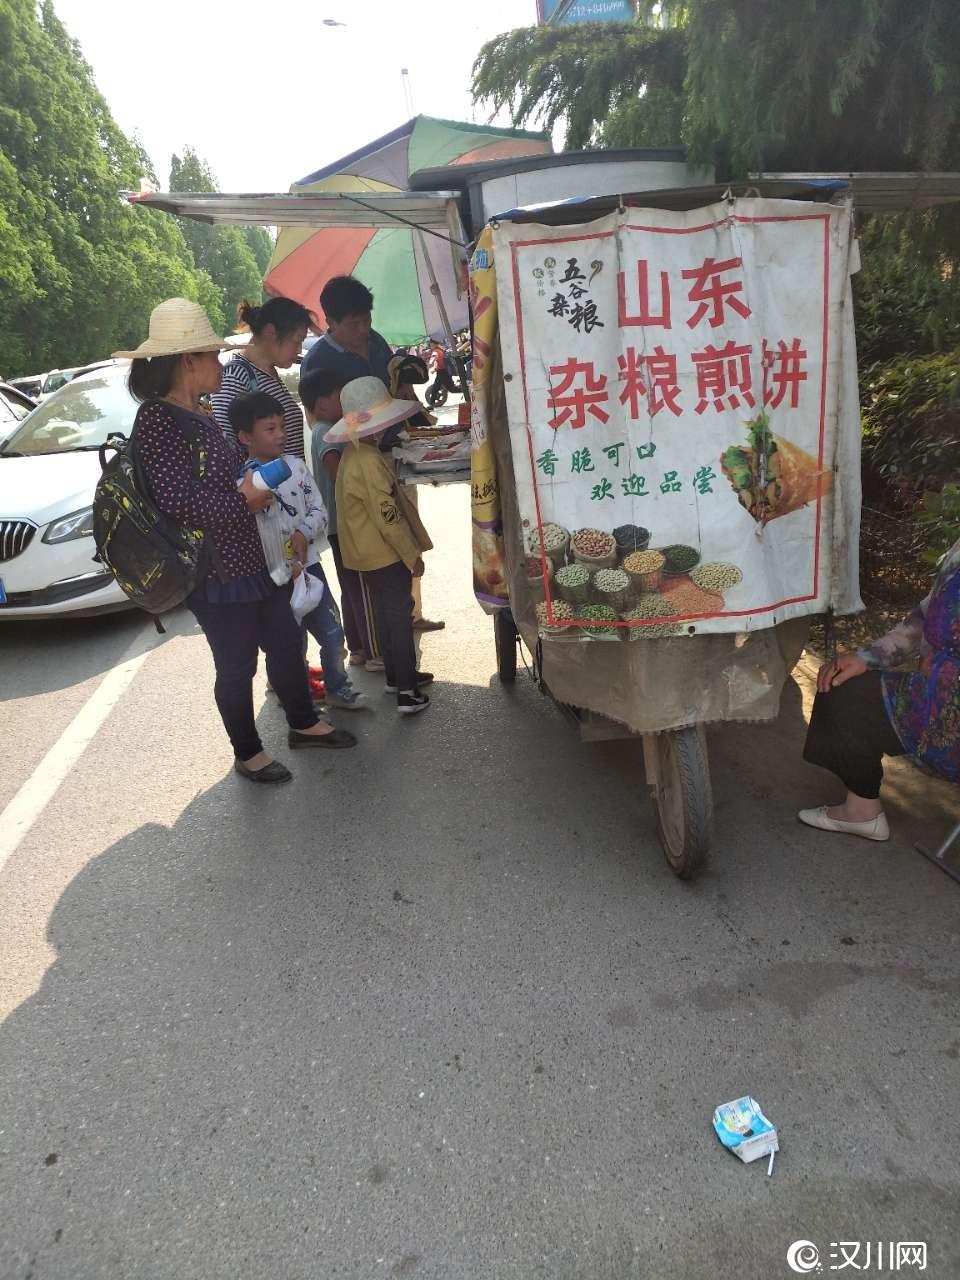 学校门口本身堵车严重,小吃摊都在马路边上,多不安全